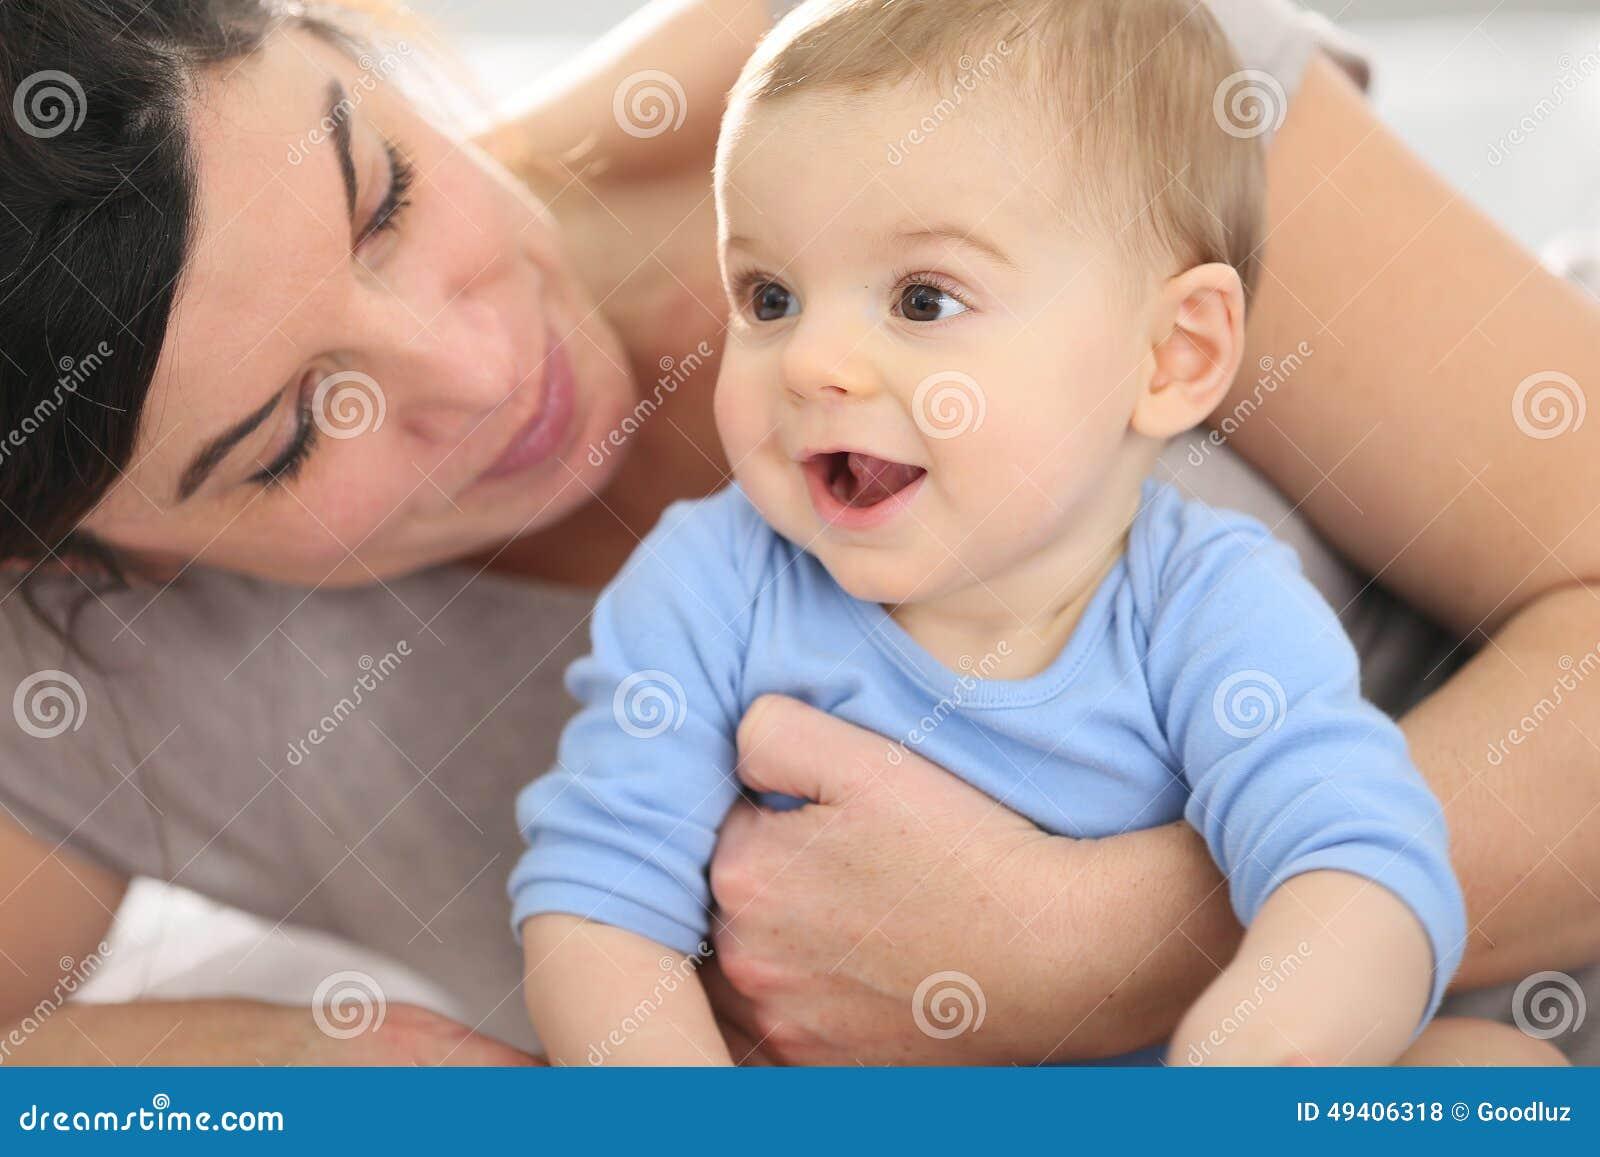 Download Porträt Einer Glücklichen Mutter Mit Ihrem Netten Baby Stockfoto - Bild von streicheln, familie: 49406318